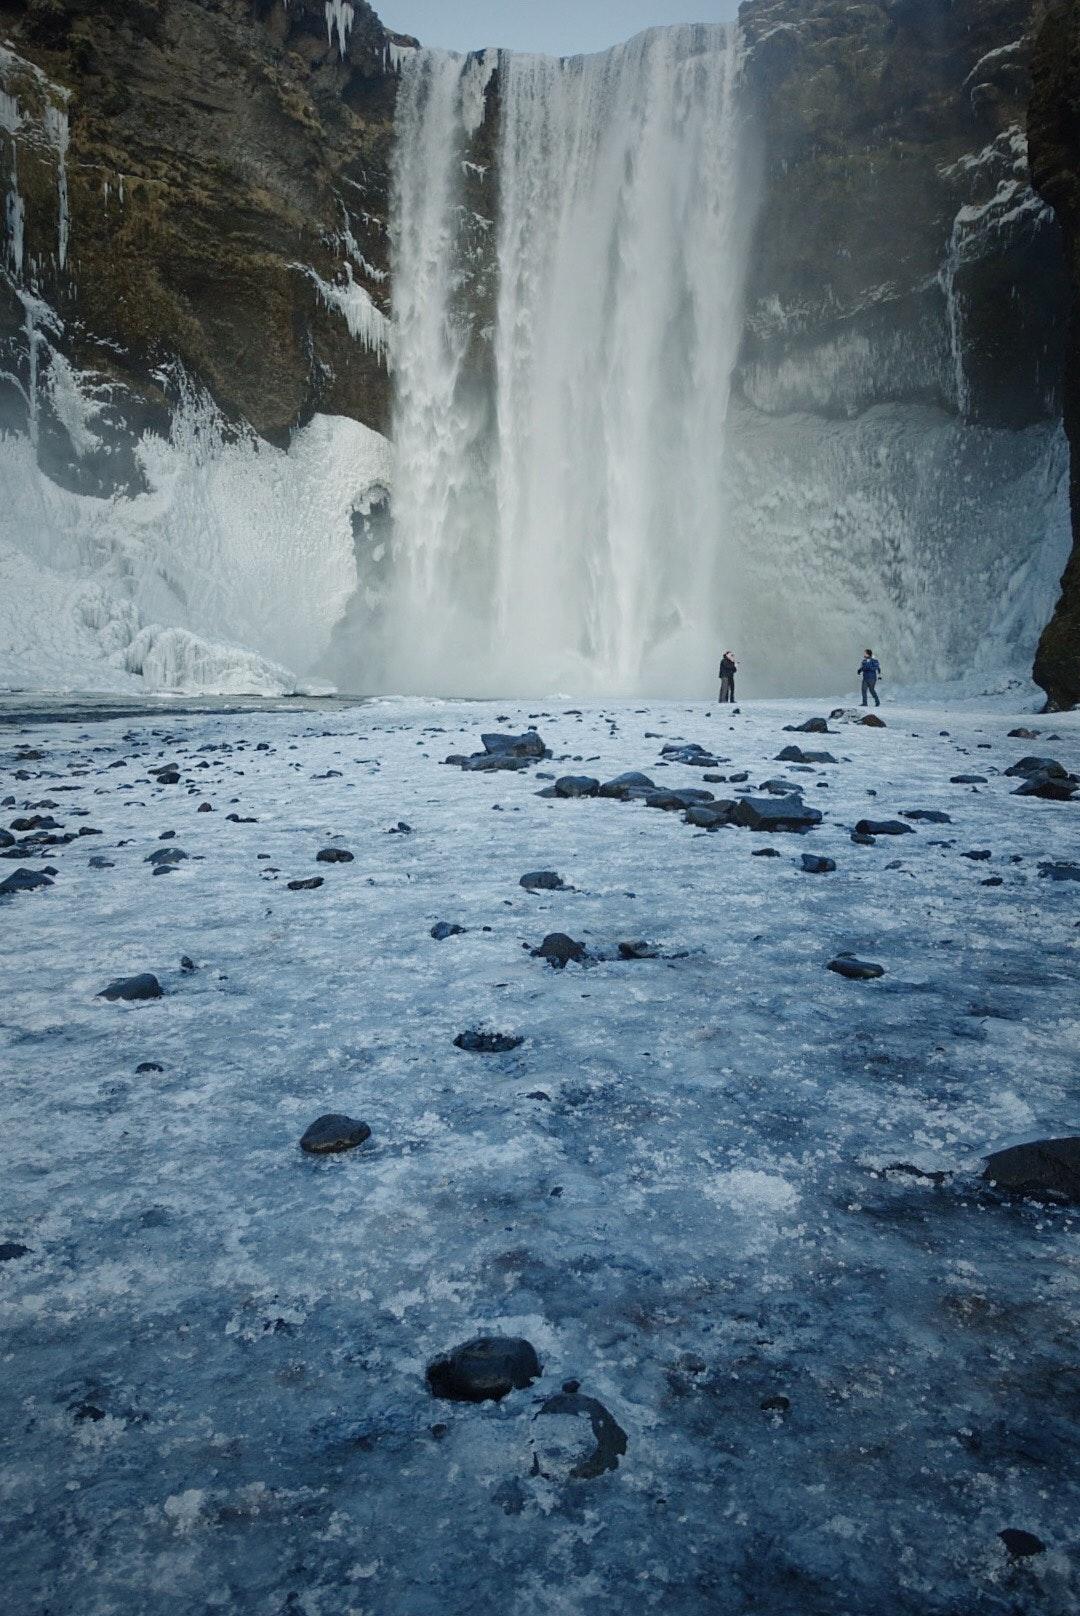 冰岛斯科加瀑布(Skógafoss),又名森林瀑布、彩虹瀑布